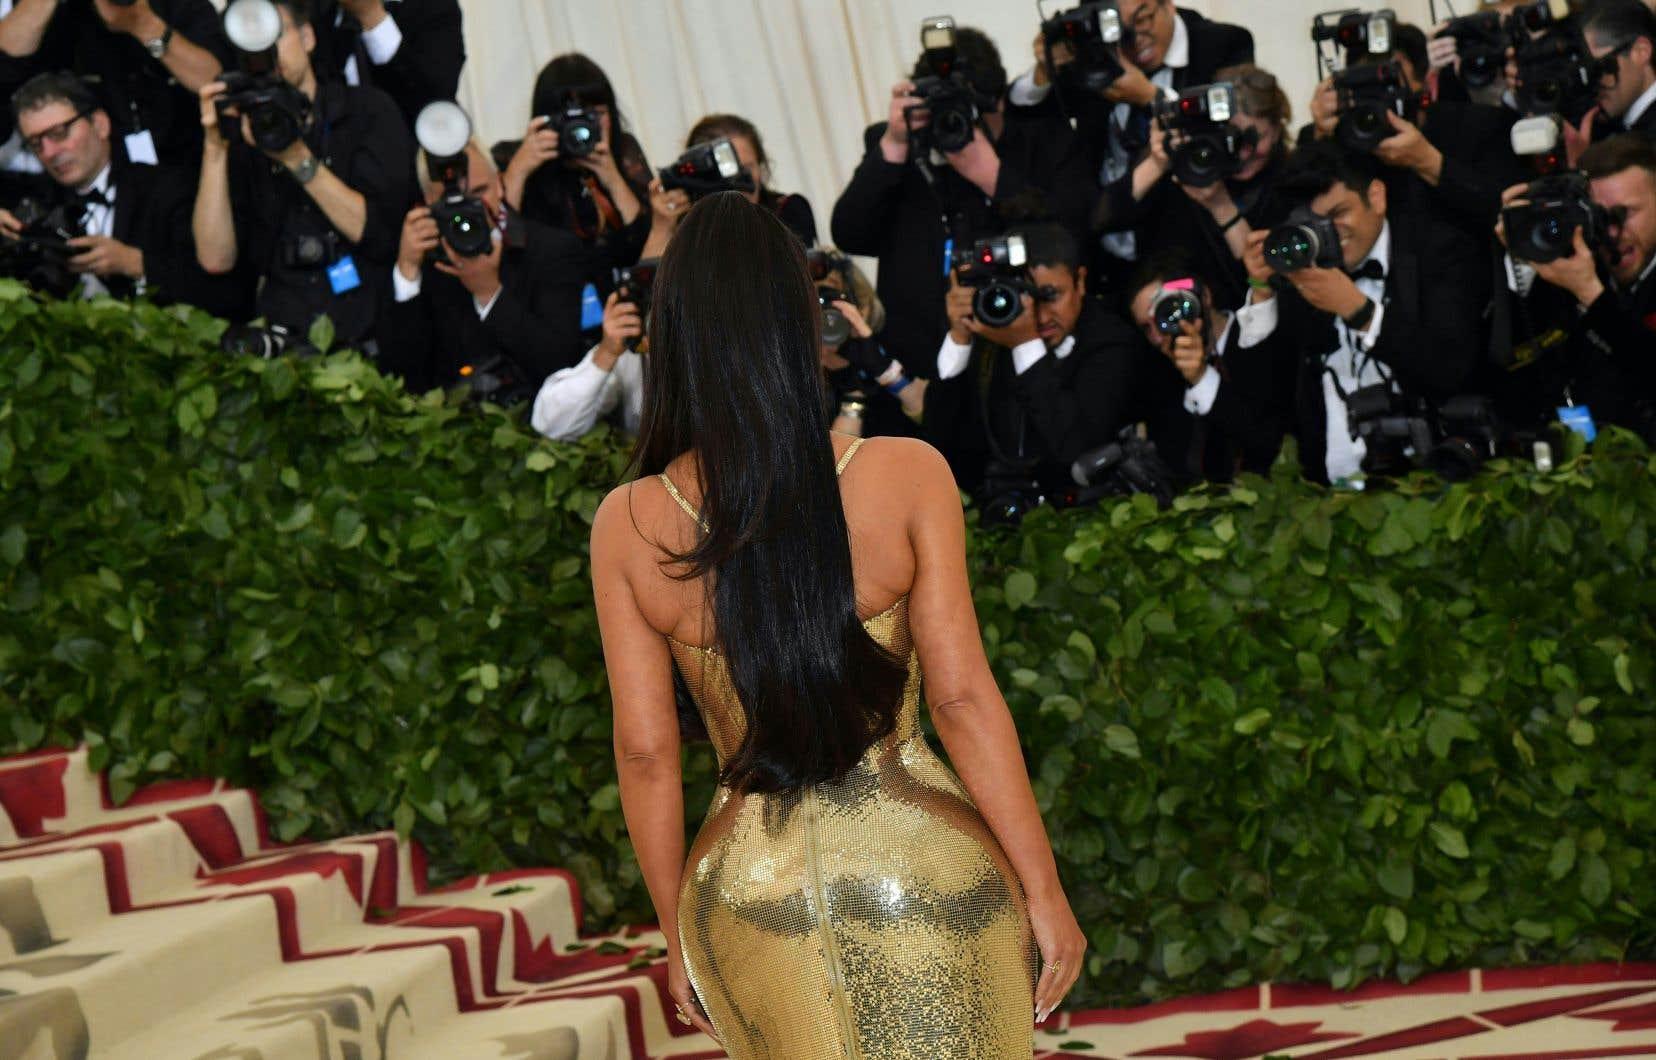 Les «experts» prédisent que cette année électorale marquera celle de la fin de «Keeping Up with the Kardashians». Mais la star, qui vaut 350millions de dollars américains selon le magazine «Forbes», sera-t-elle capable de «keep up», de suivre, en restant loin des projecteurs?